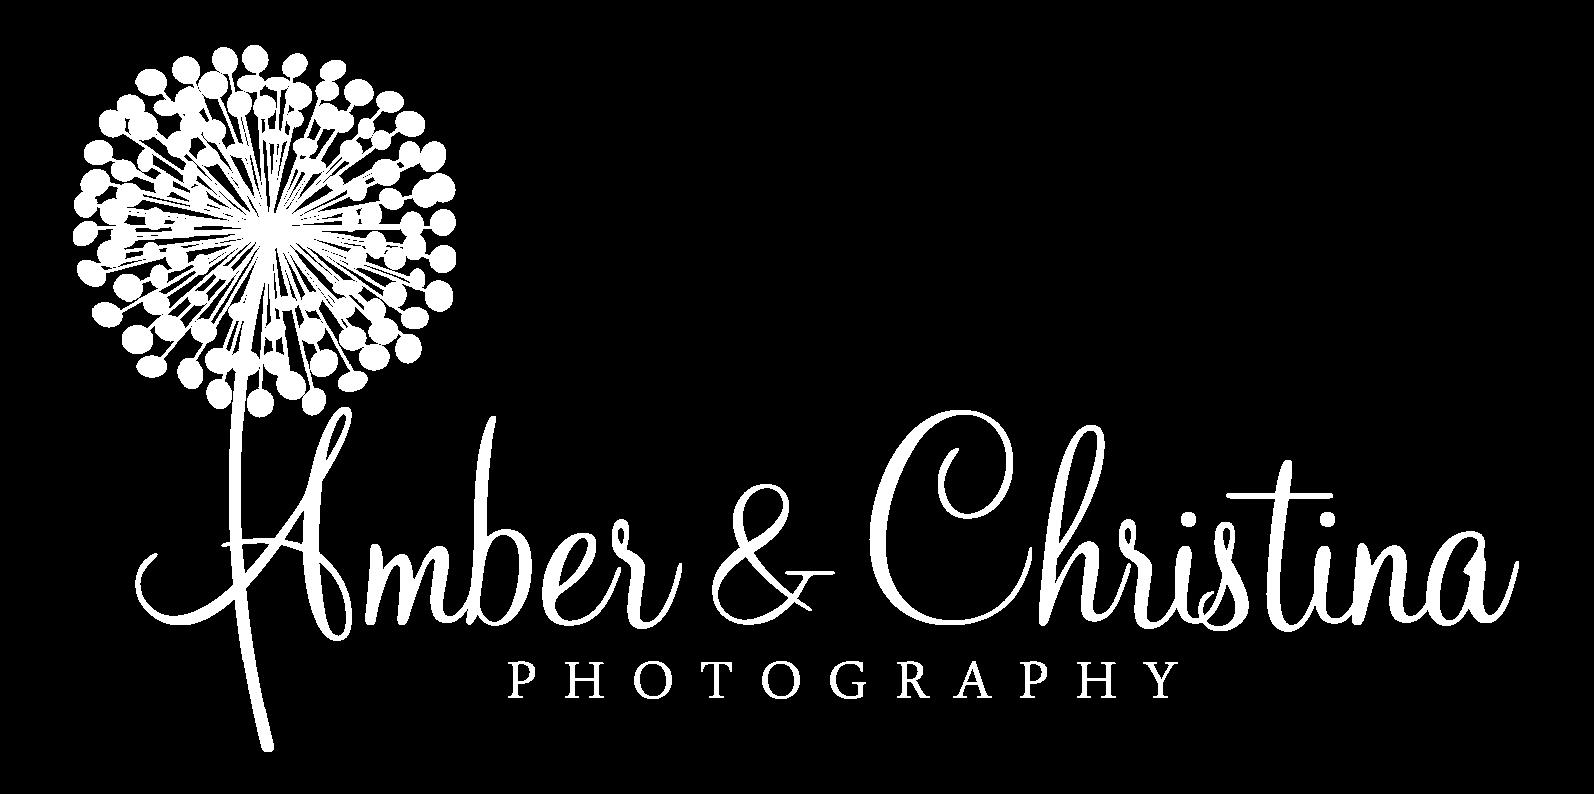 PixieFloBlog